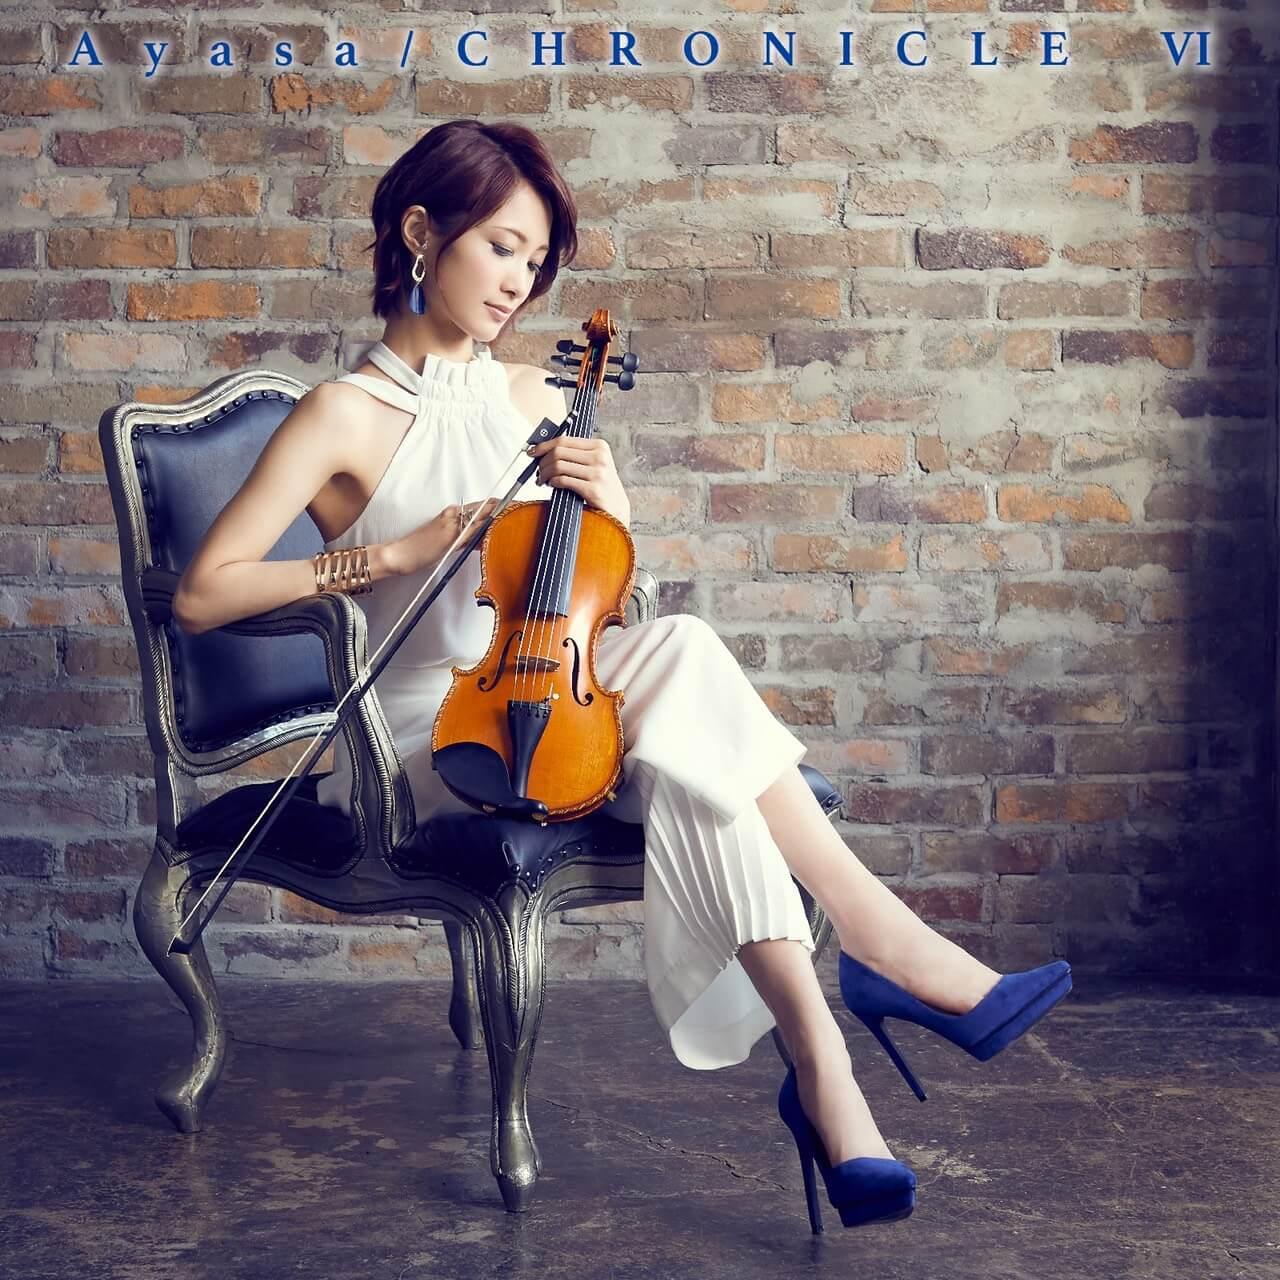 Ayasaの新曲が「シオノギヘルスケア シナール(R)Lホワイト エクシア」TVCMソングに決定サムネイル画像